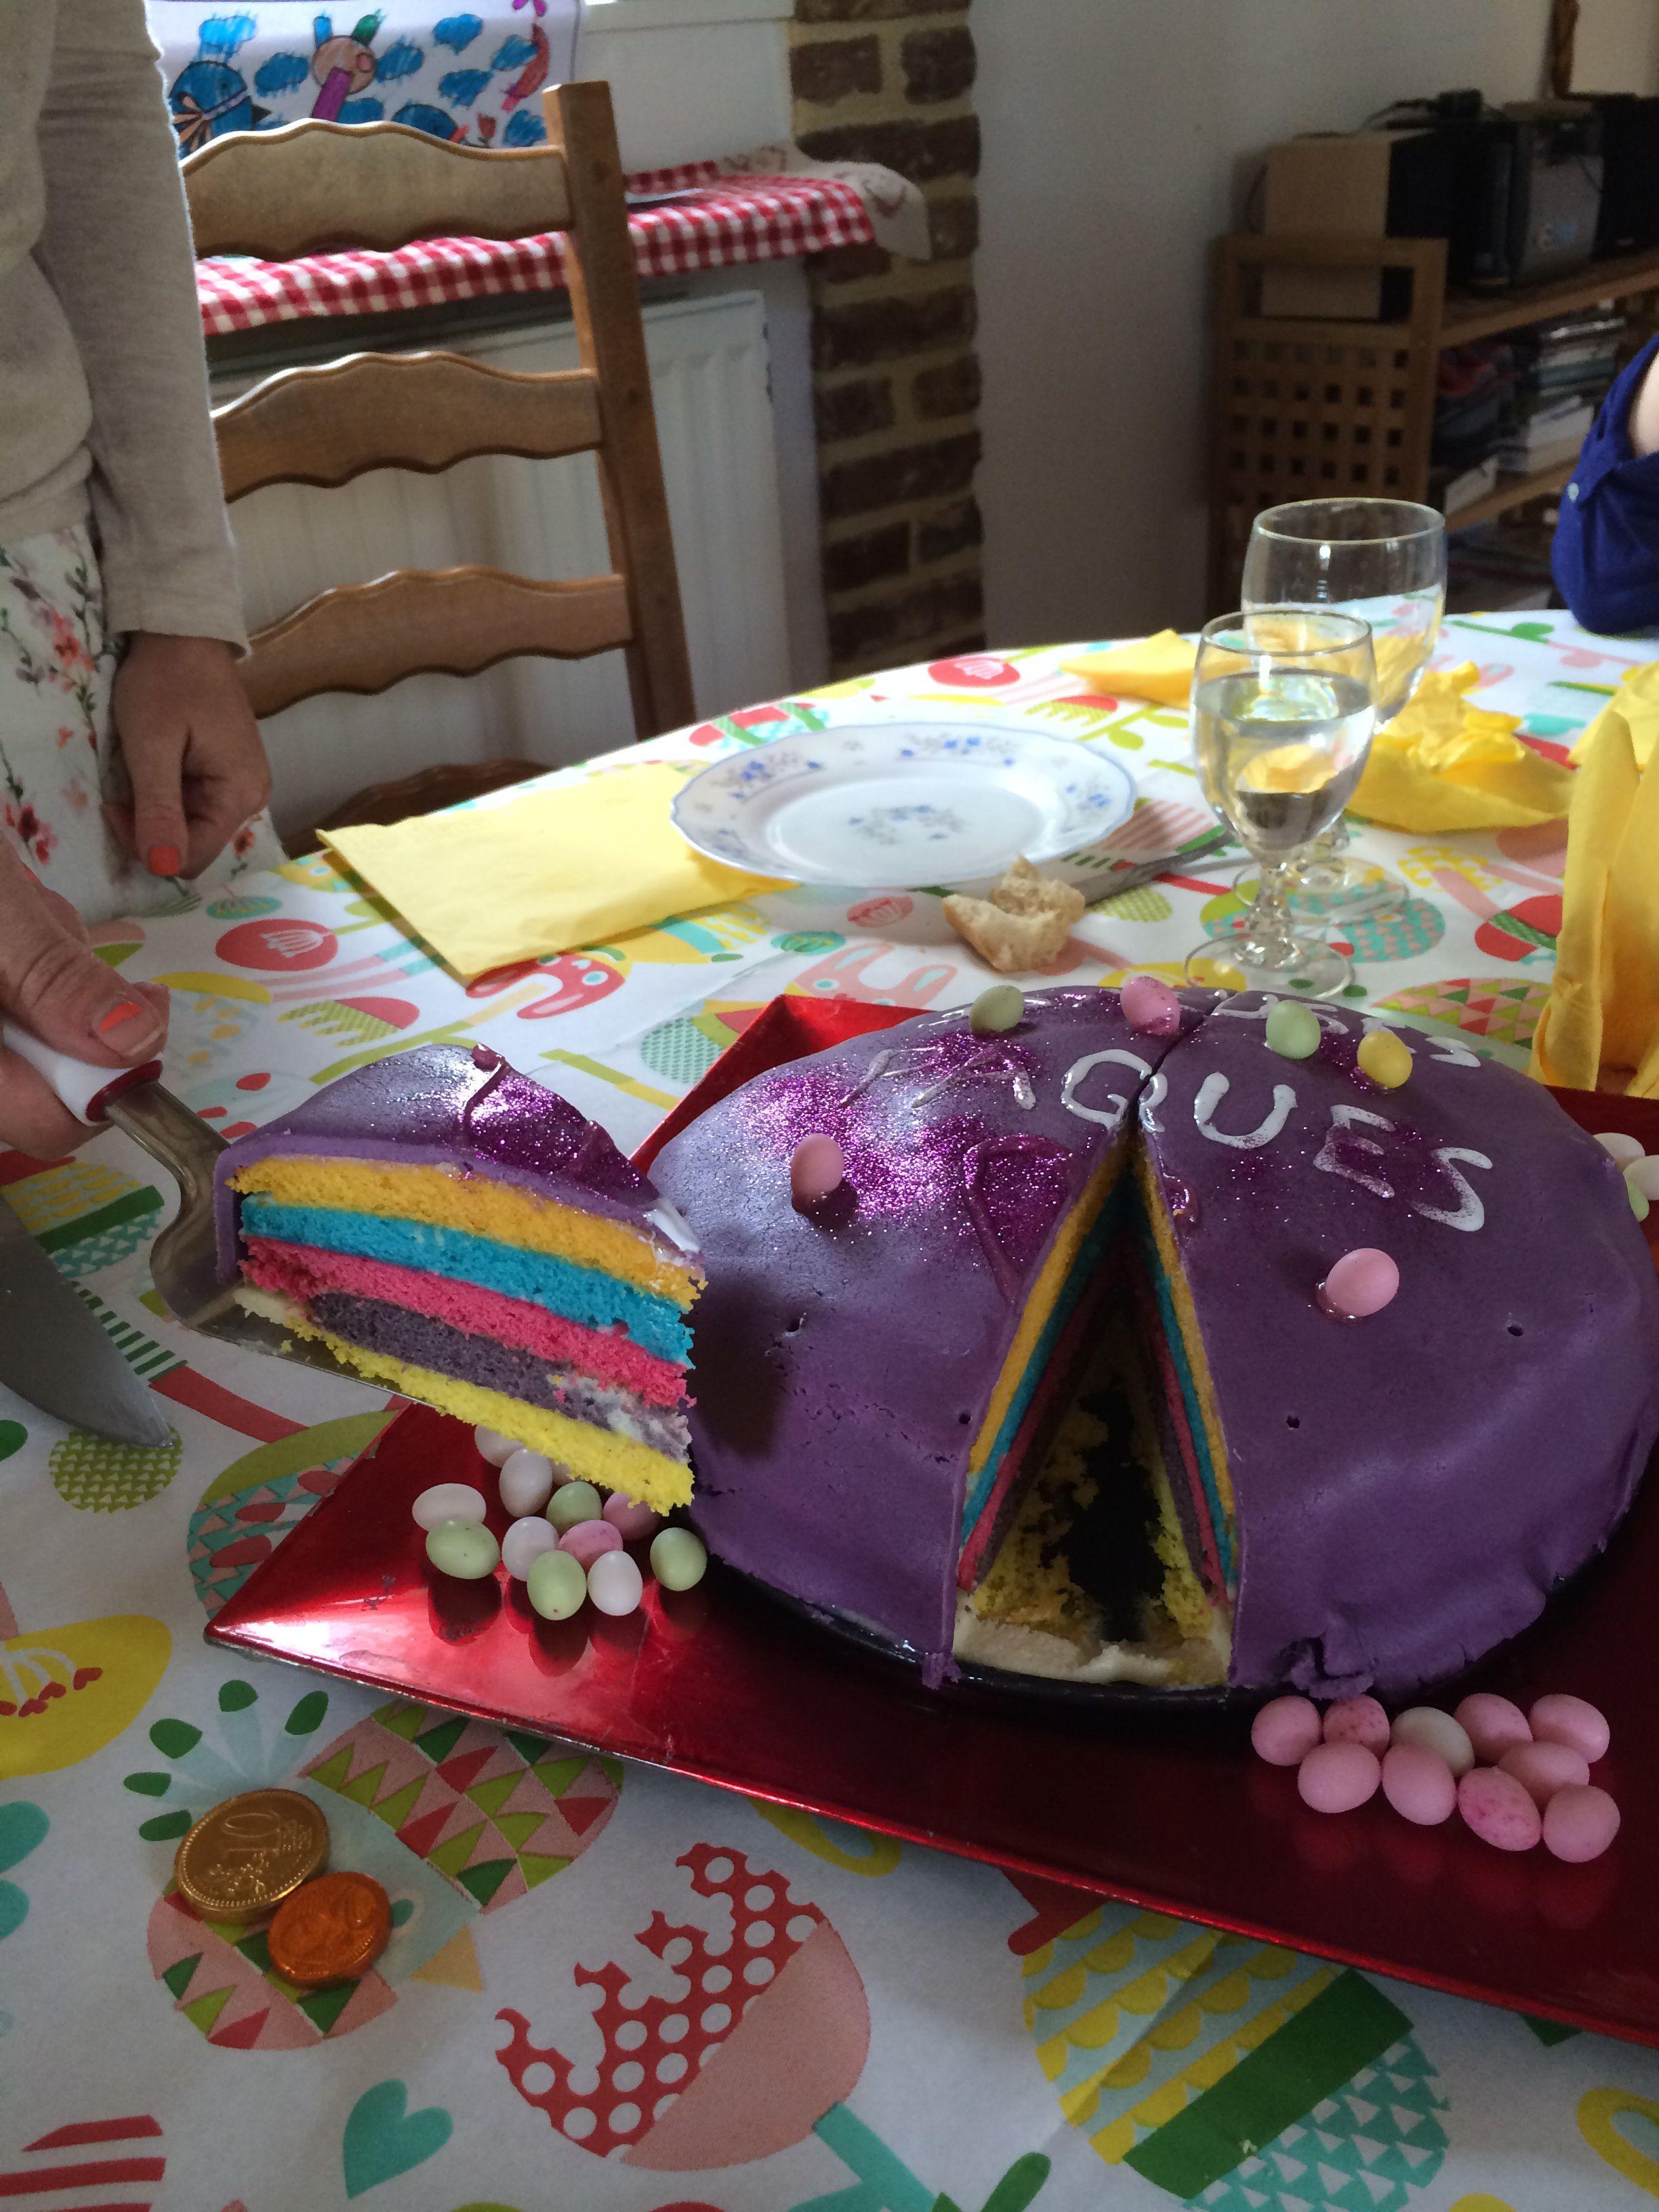 Rainbow cake le gâteau arc-en-ciel ;-)